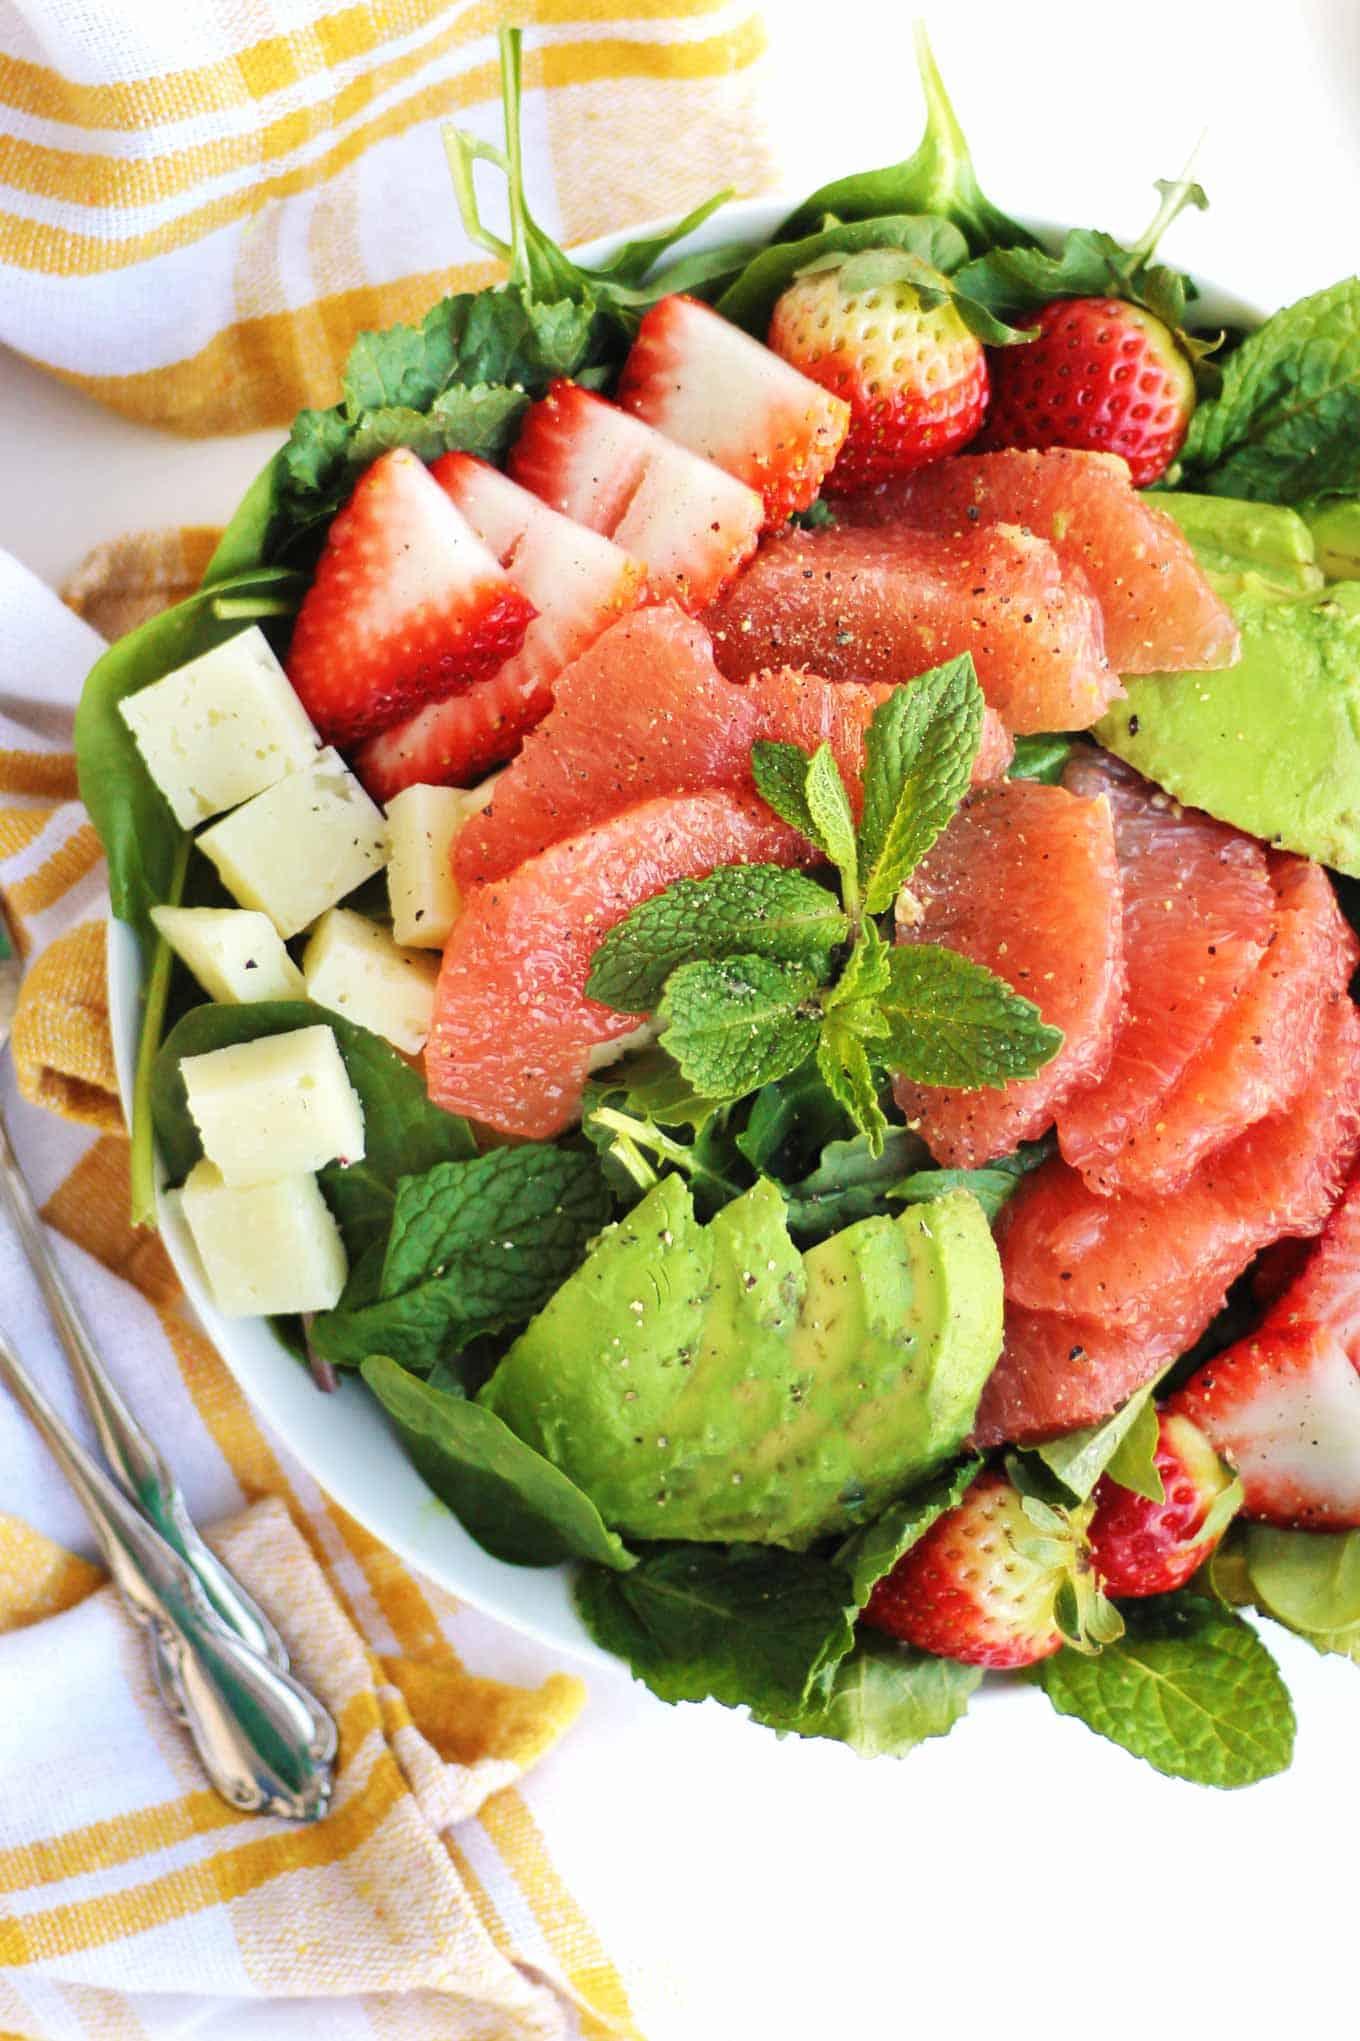 avocado grapefruit salad with strawberry